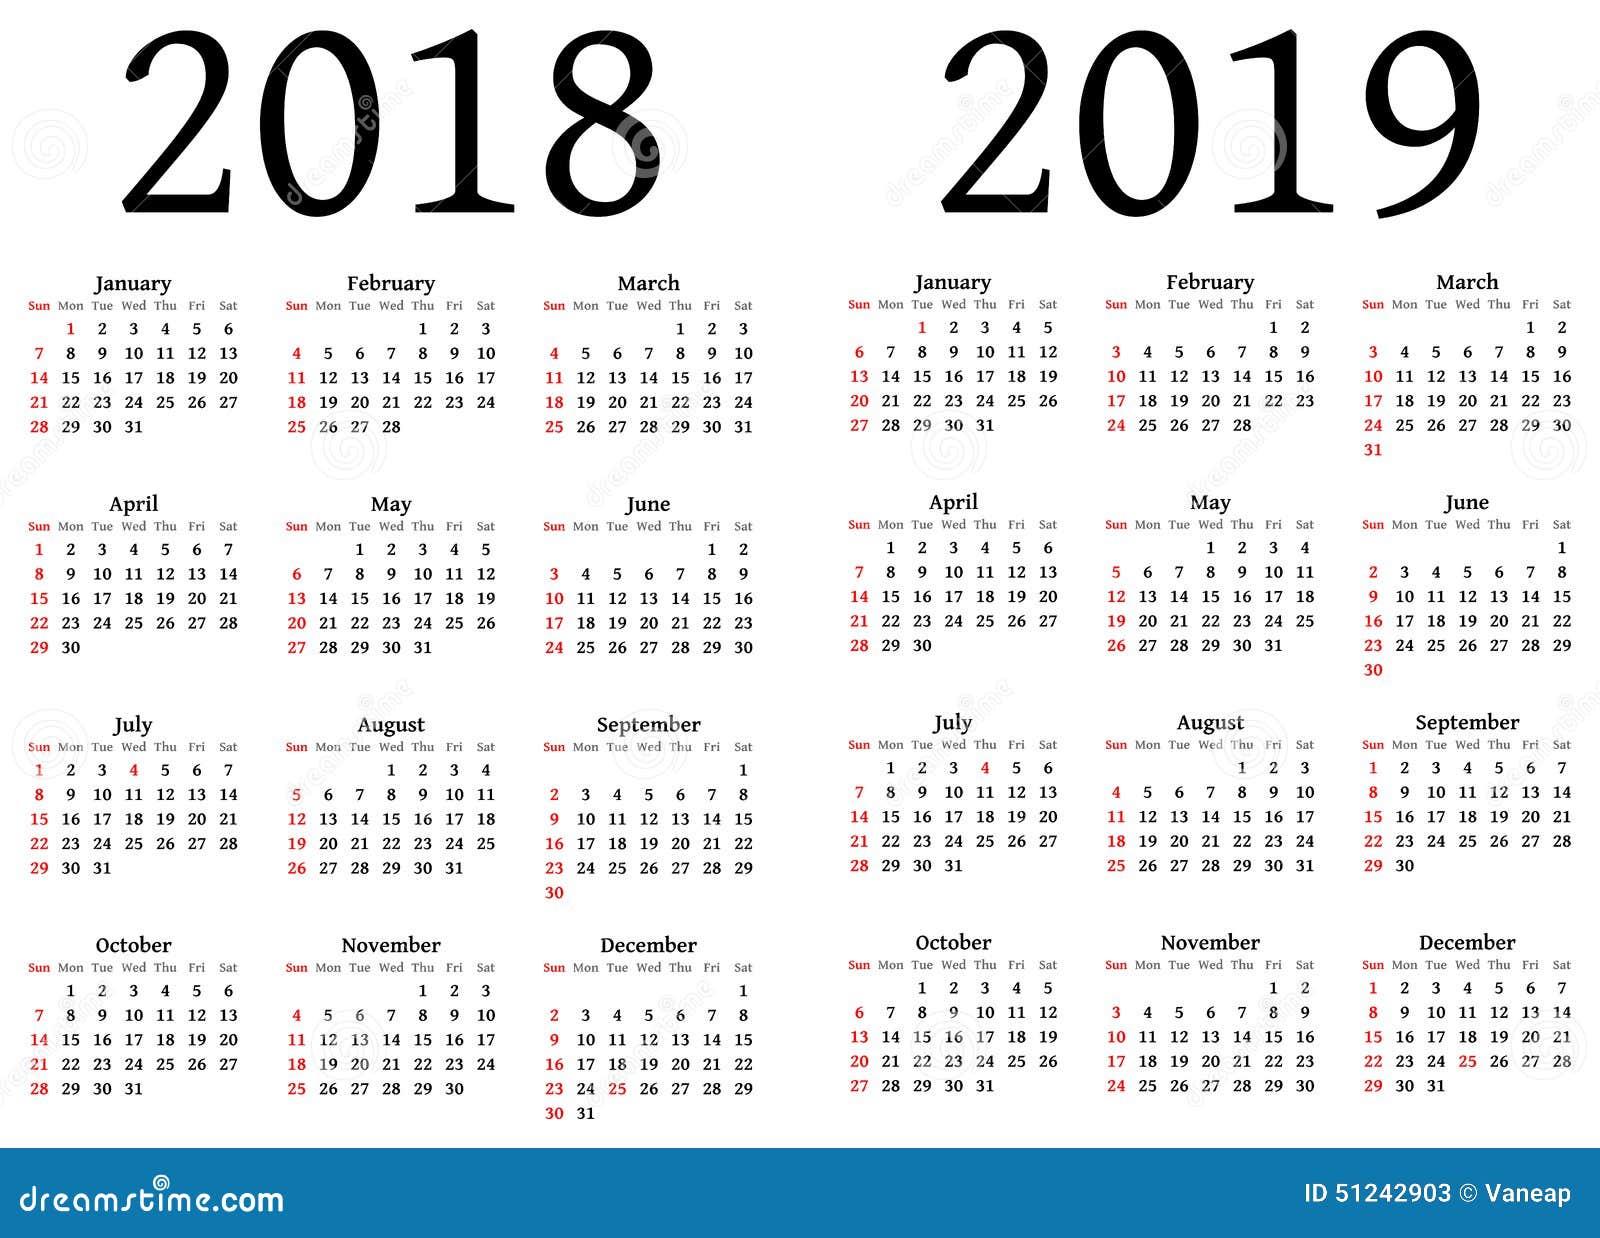 Kalender för 2018 och 2019